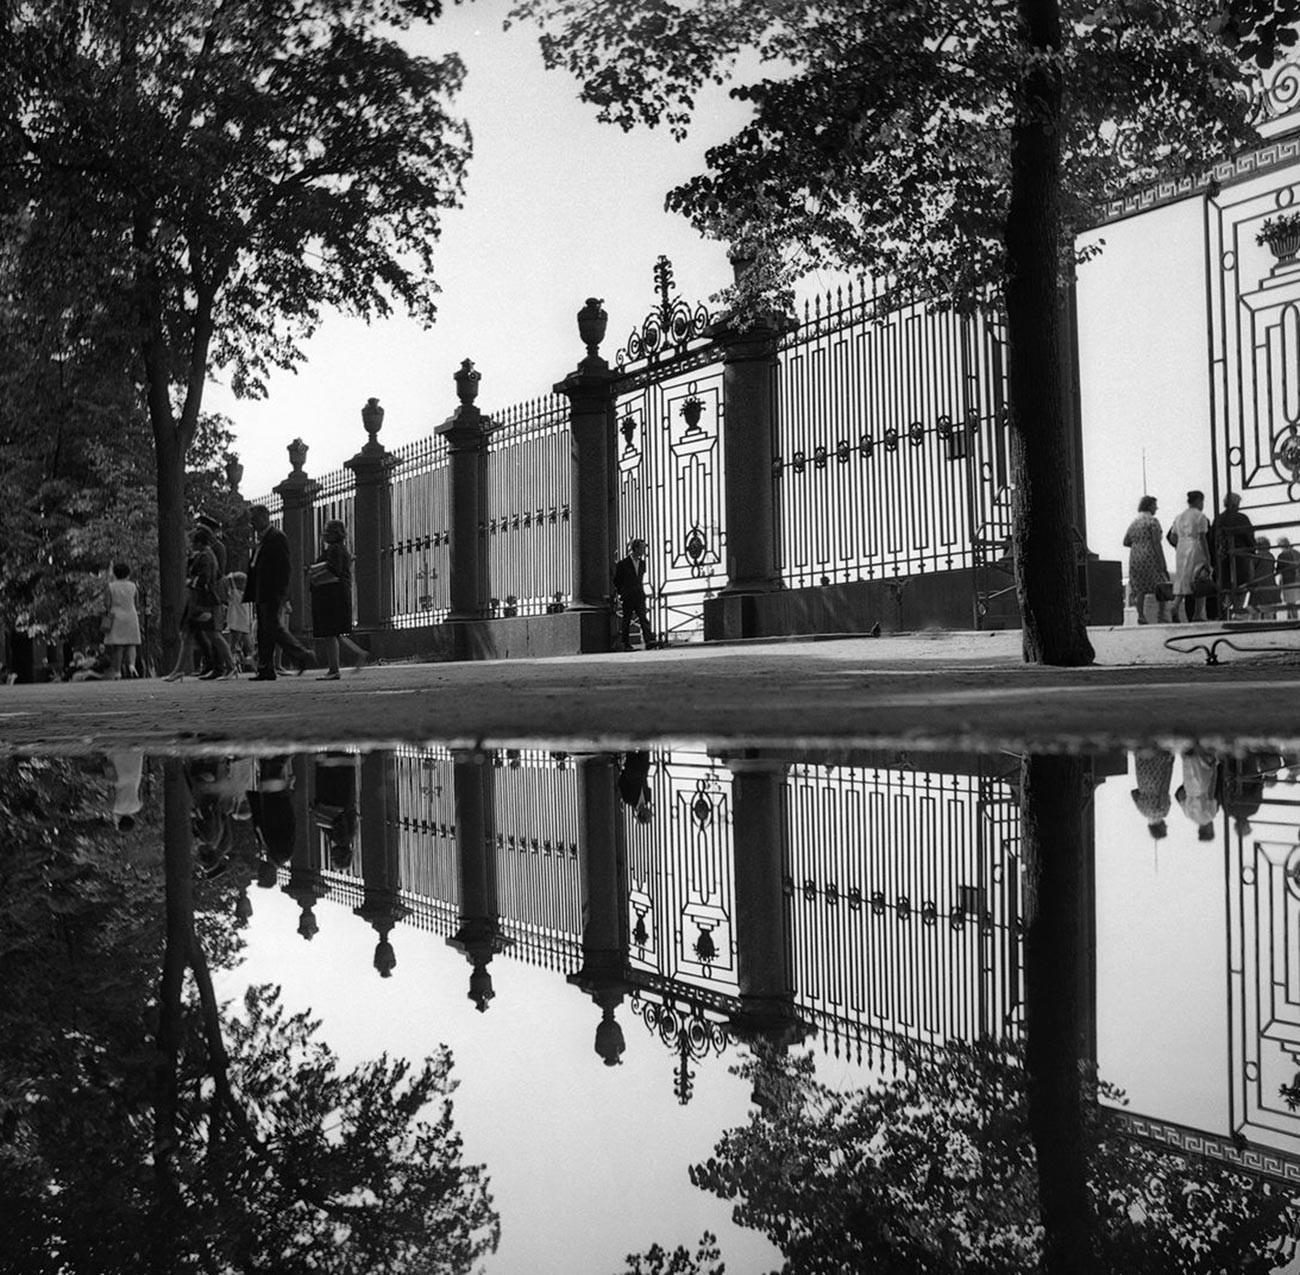 夏の庭園、1970年代